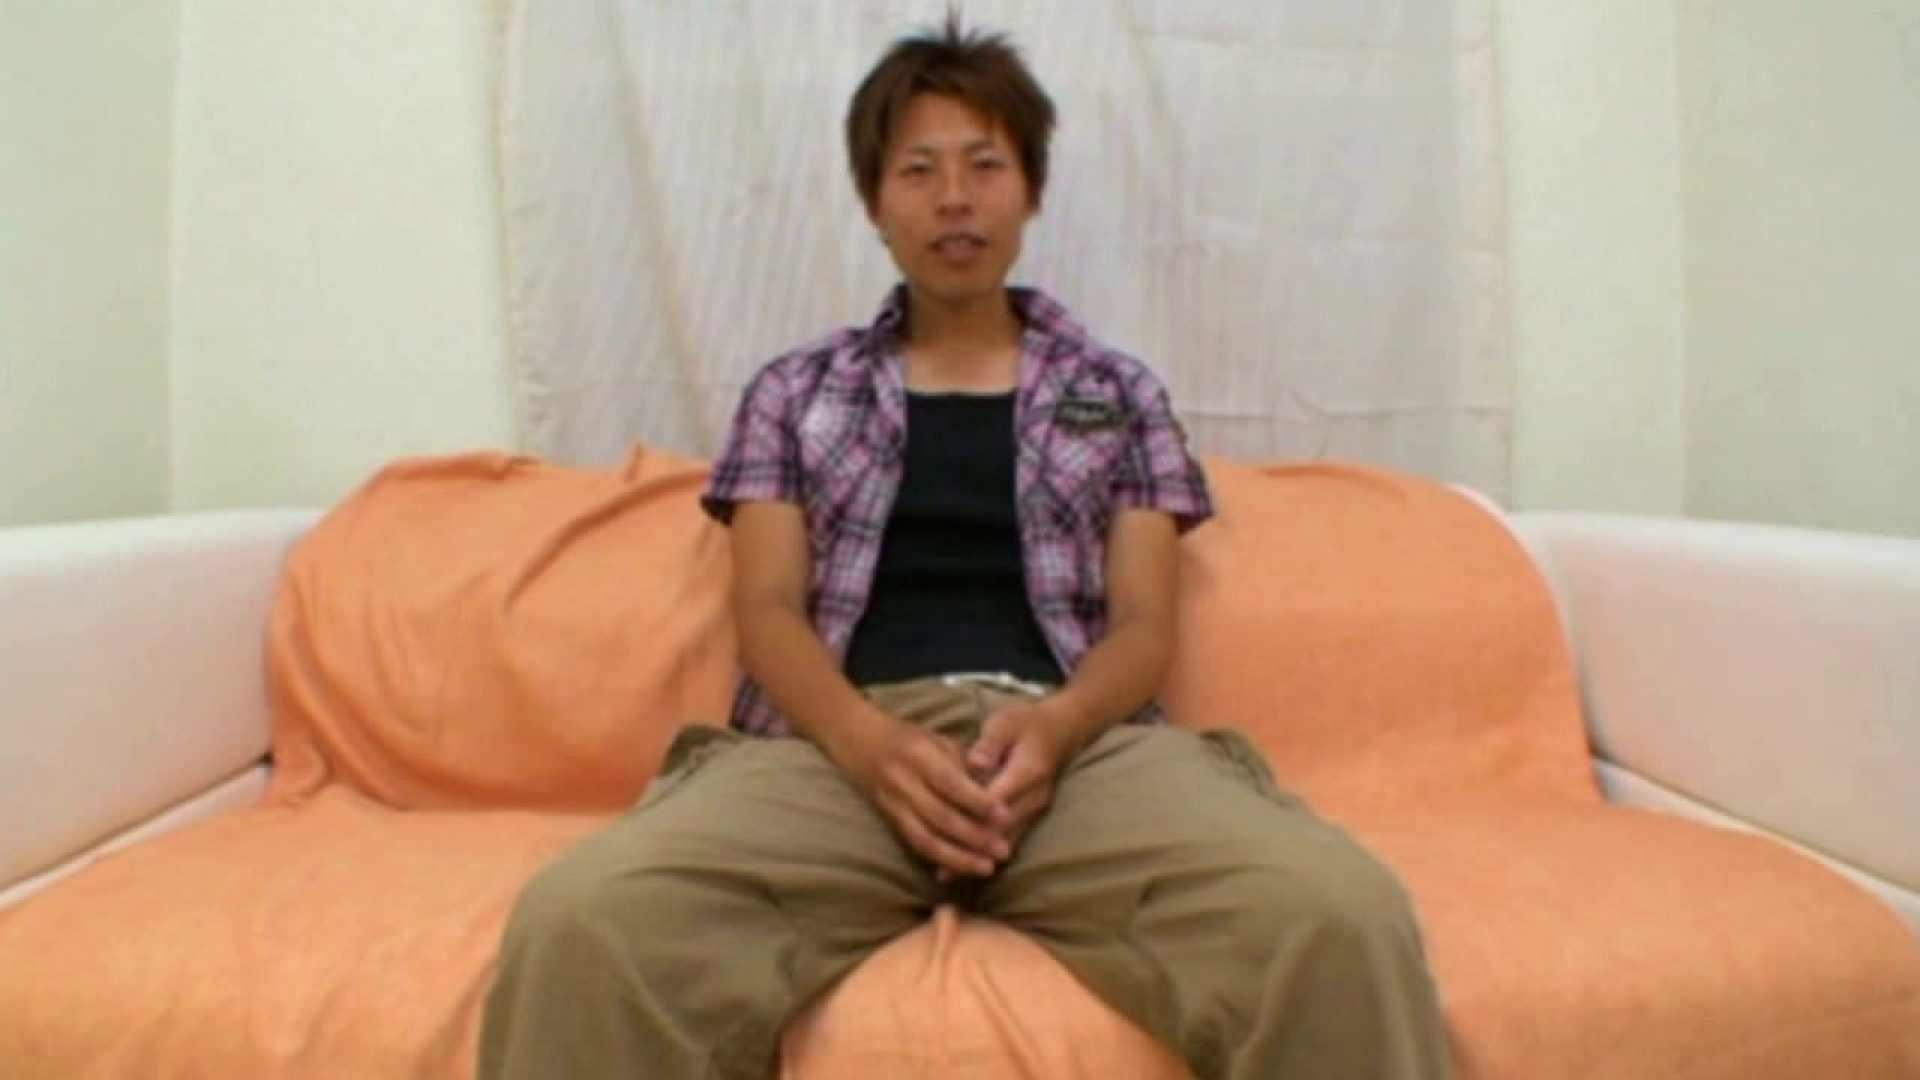 ノンケ!自慰スタジオ No.10 オナニー アダルトビデオ画像キャプチャ 47pic 24